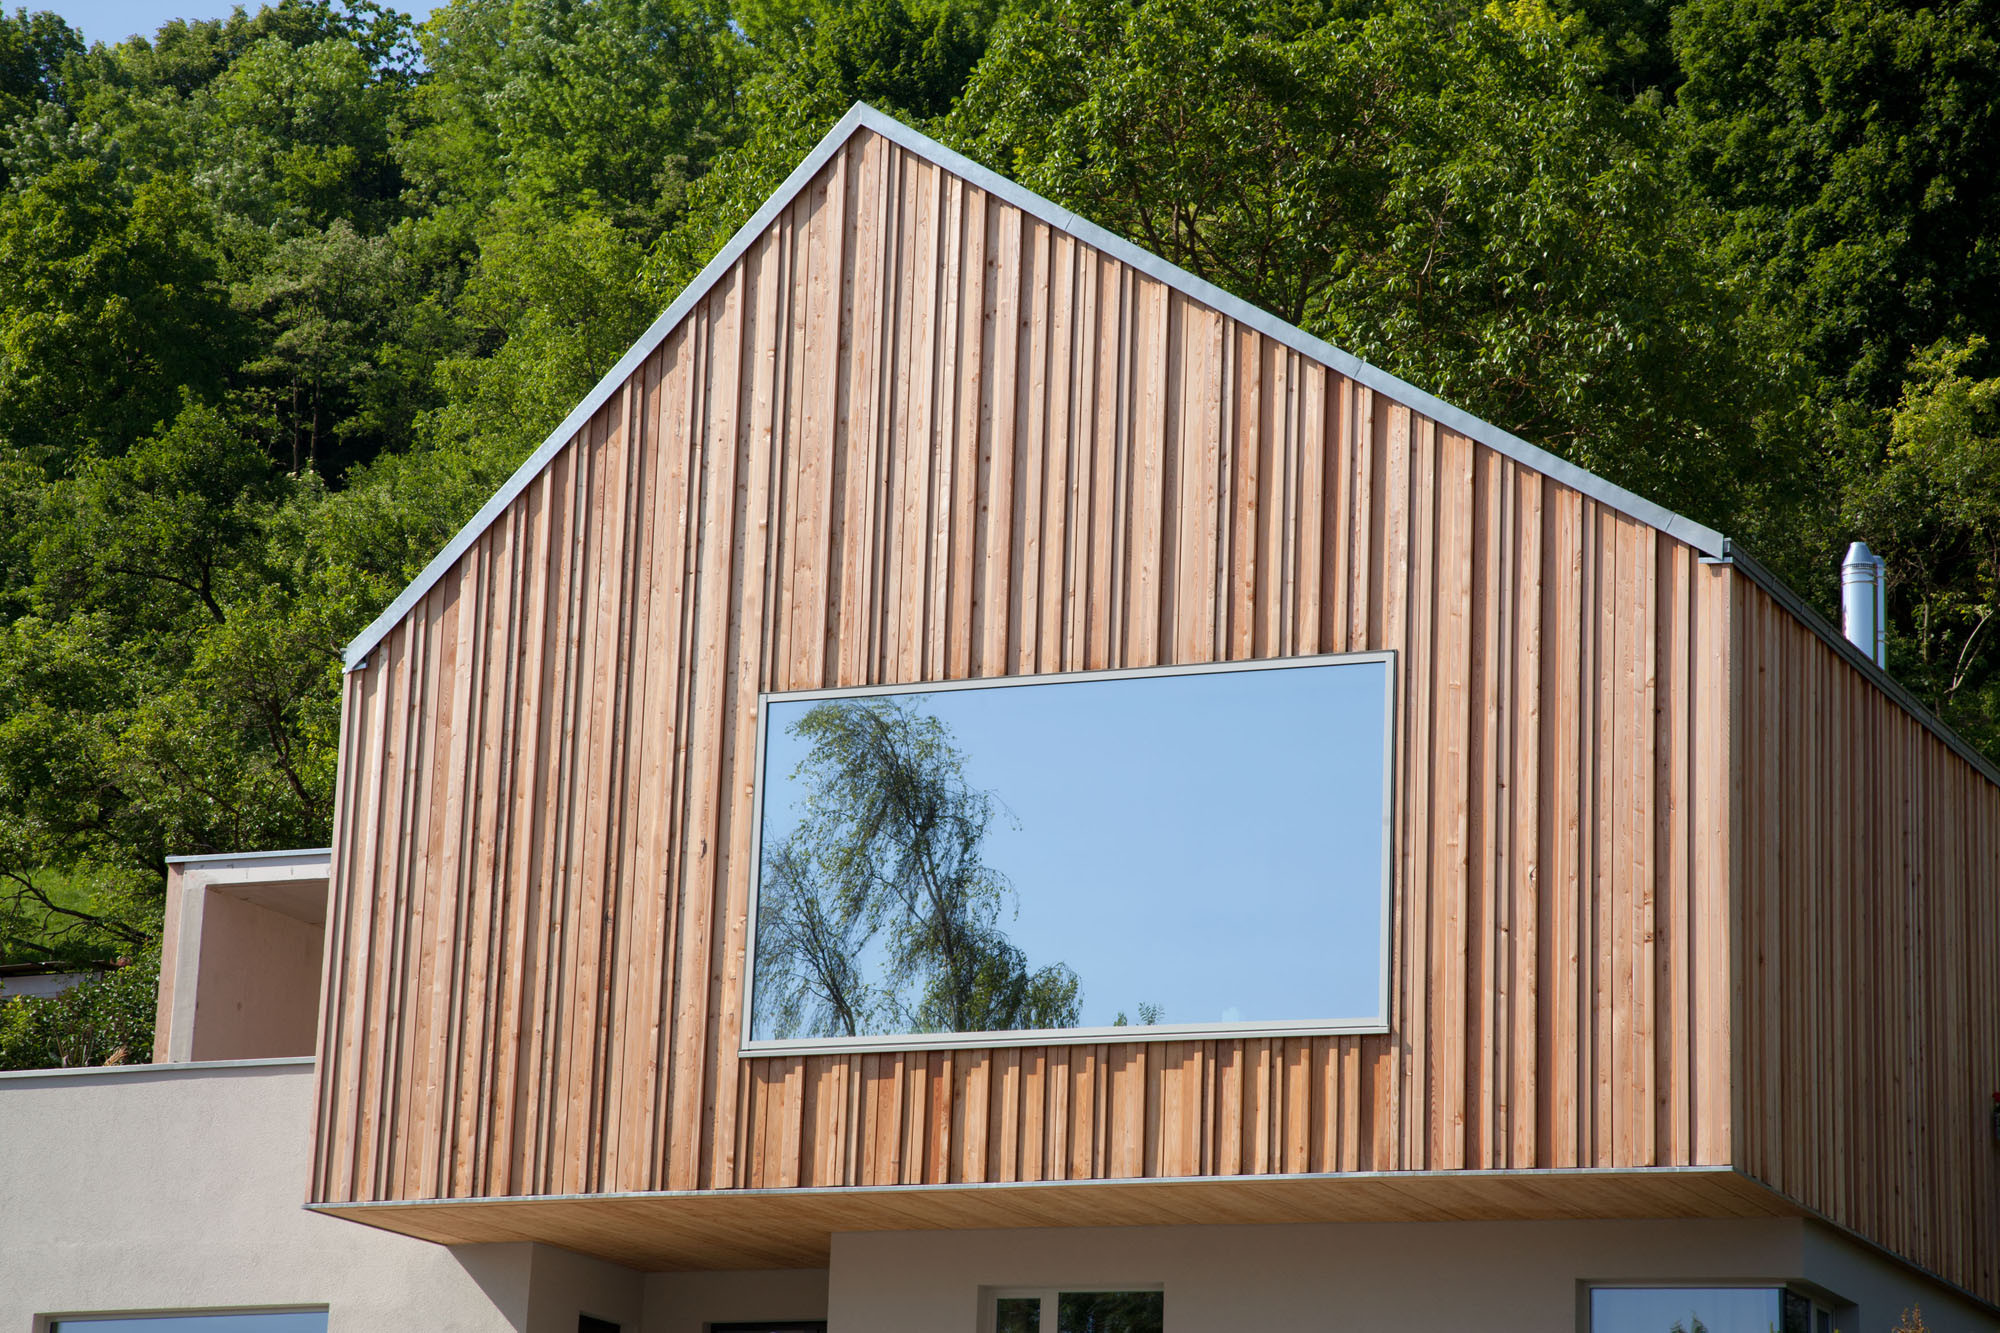 Haus f in regensburg beton wohnen efh baunetz wissen - Verspiegelte fenster haus ...